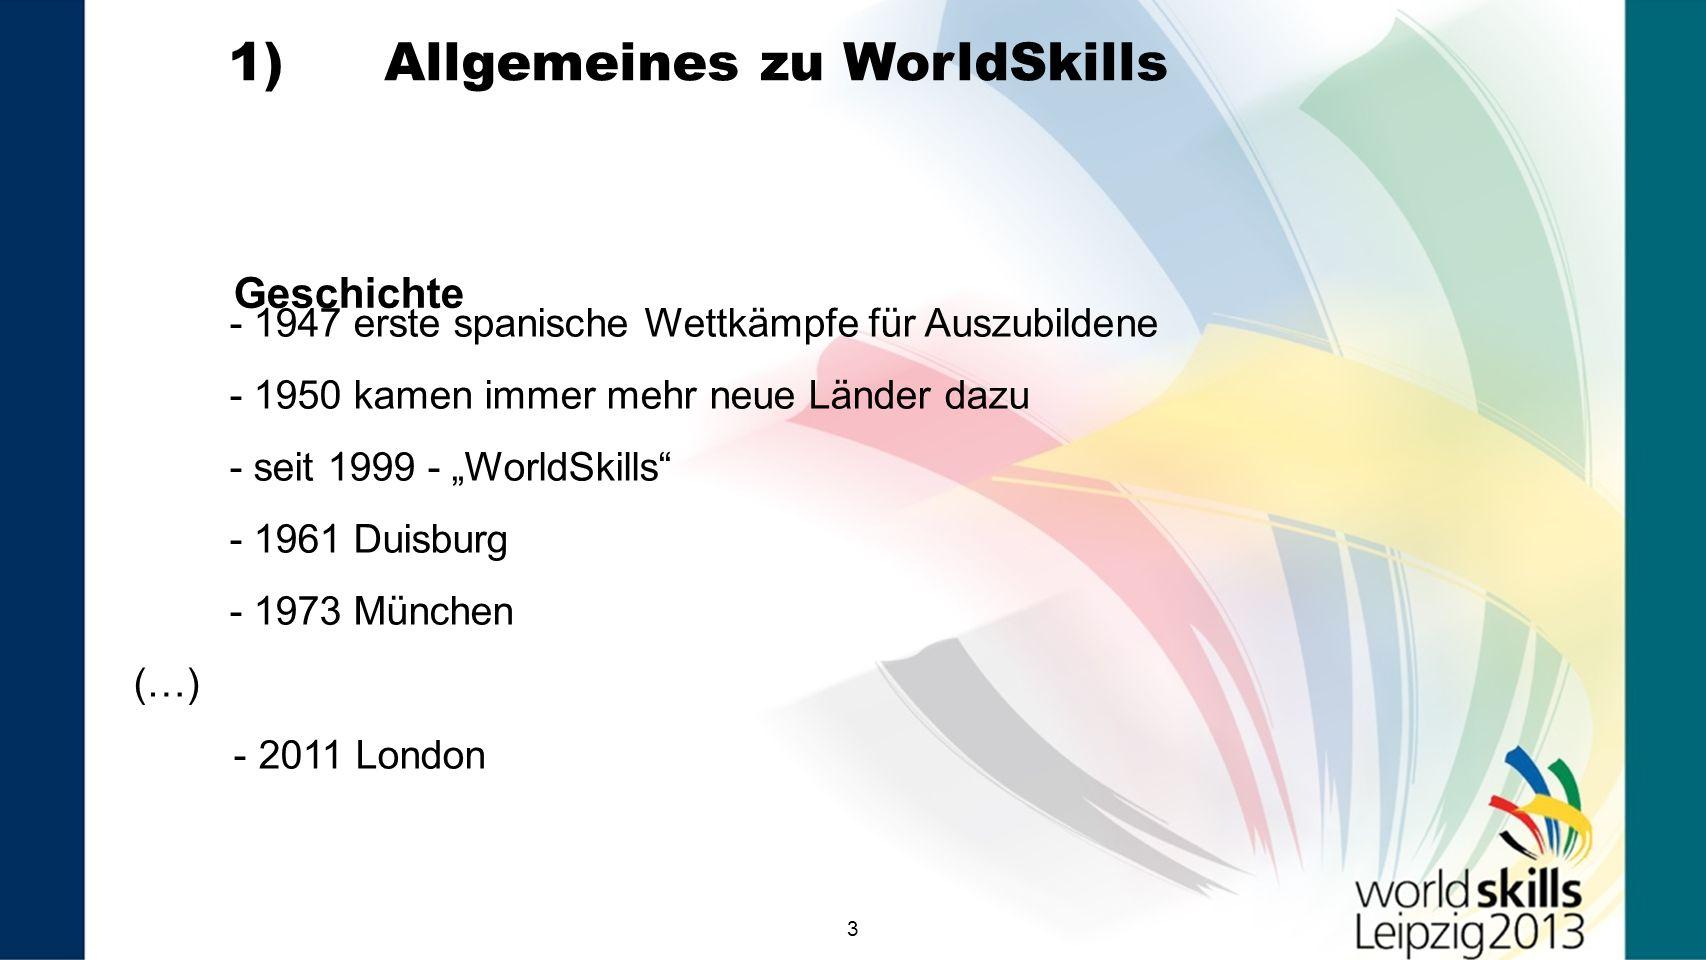 33 Geschichte - 1947 erste spanische Wettkämpfe für Auszubildene - 1950 kamen immer mehr neue Länder dazu - seit 1999 - WorldSkills - 1961 Duisburg - 1973 München (…) - 2011 London 1) Allgemeines zu WorldSkills